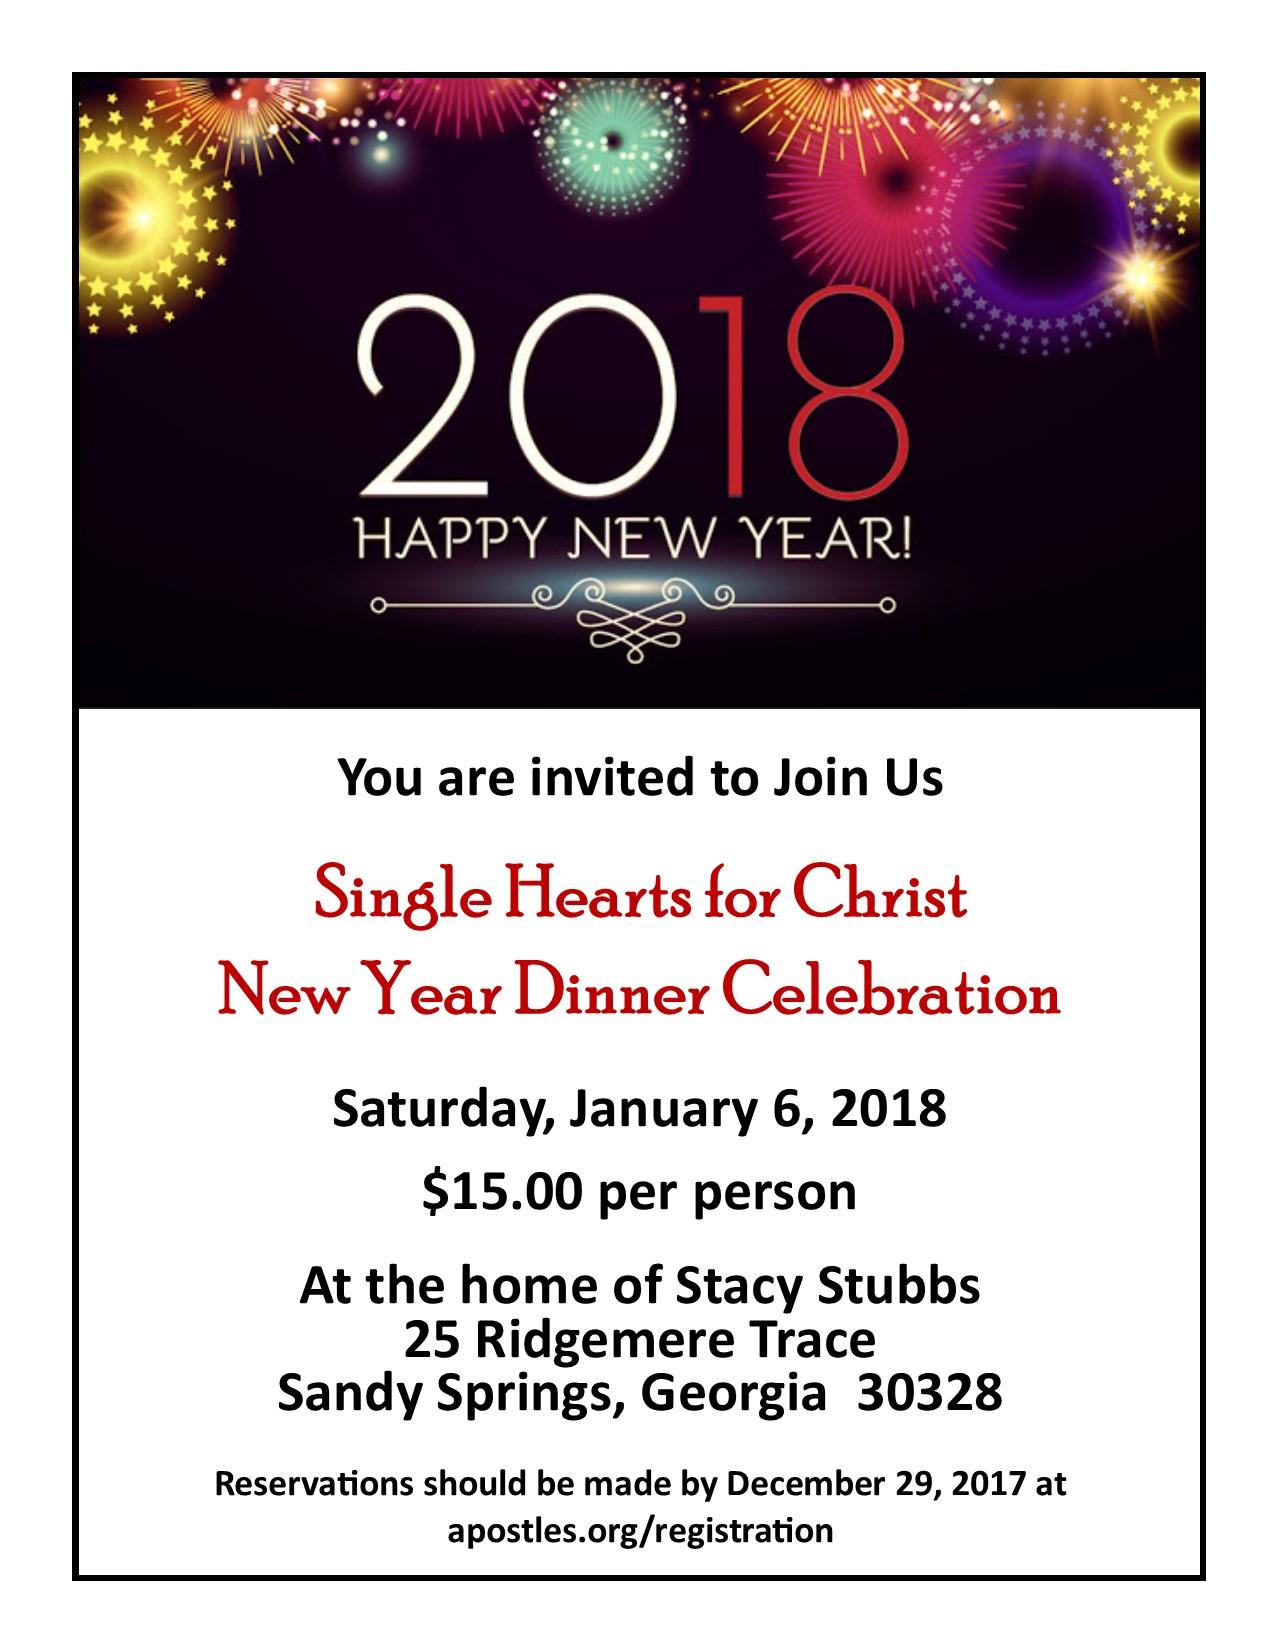 New Year Dinner Invitation 2018.jpg